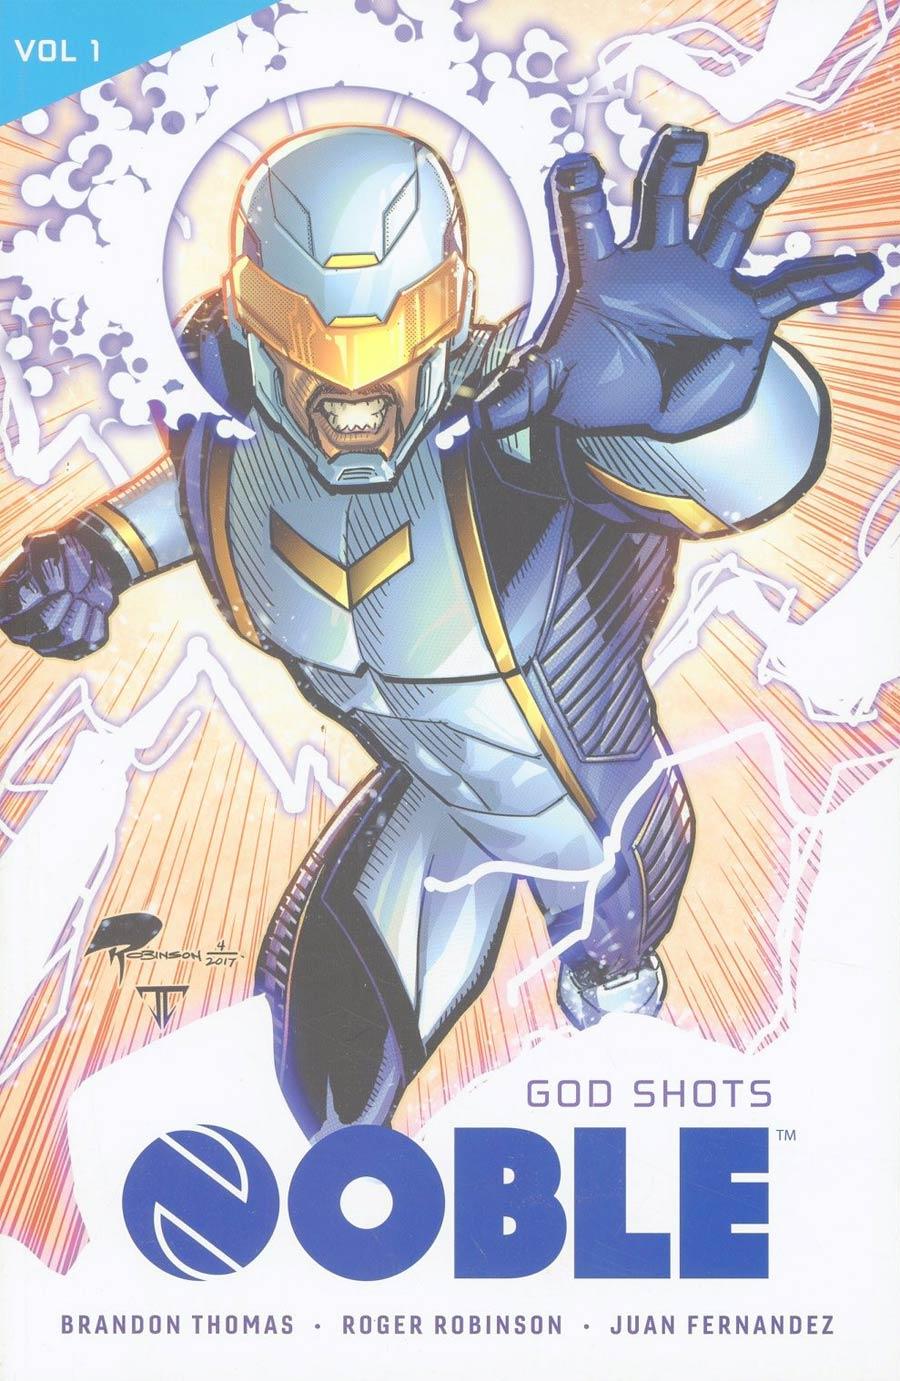 Catalyst Prime Noble Vol 1 God Shots TP